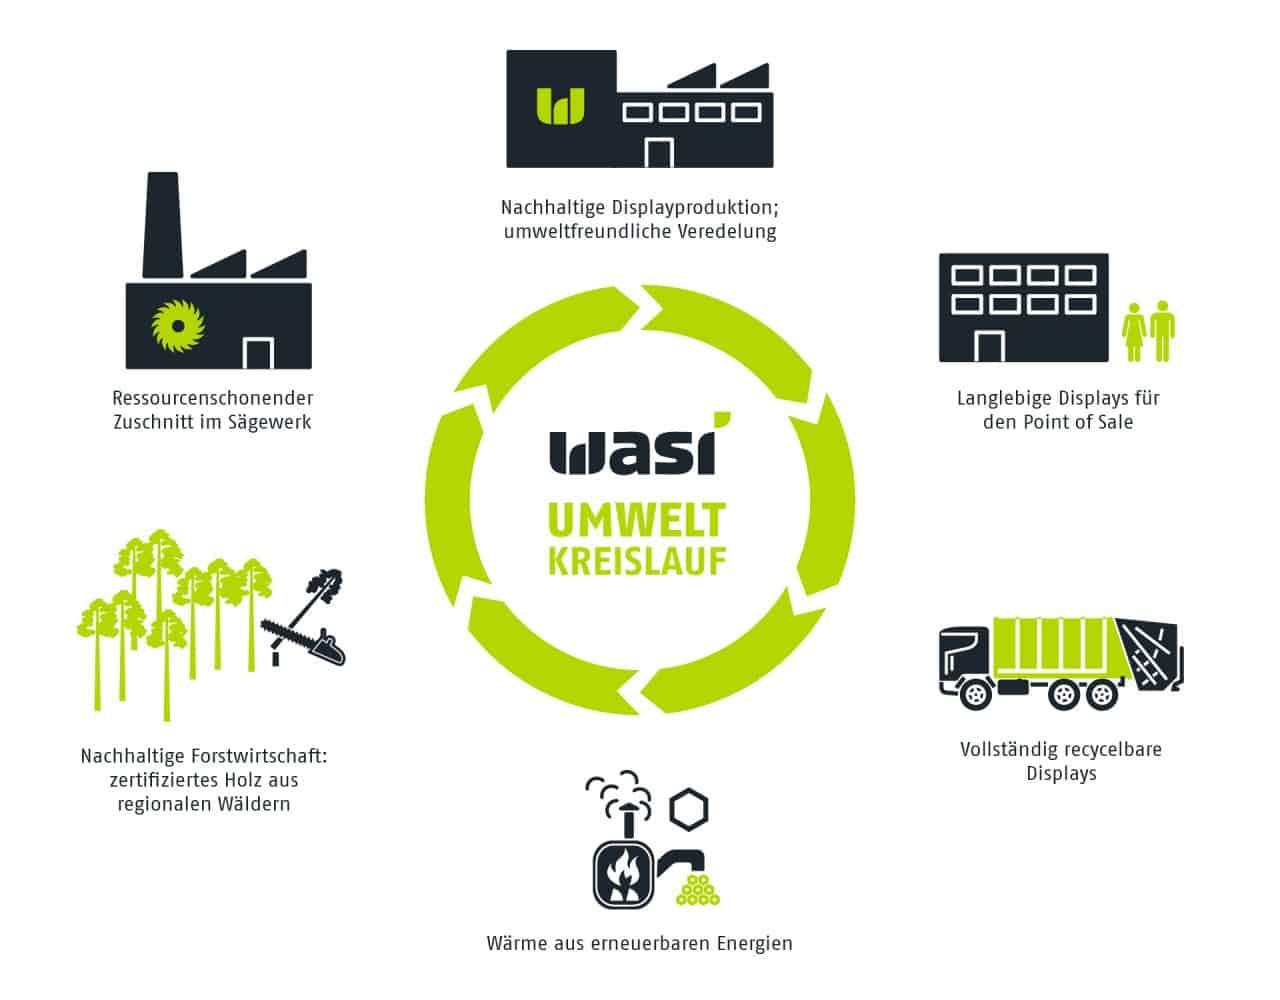 Umweltkreislauf von Wasi Displays zur Nachhaltigkeit